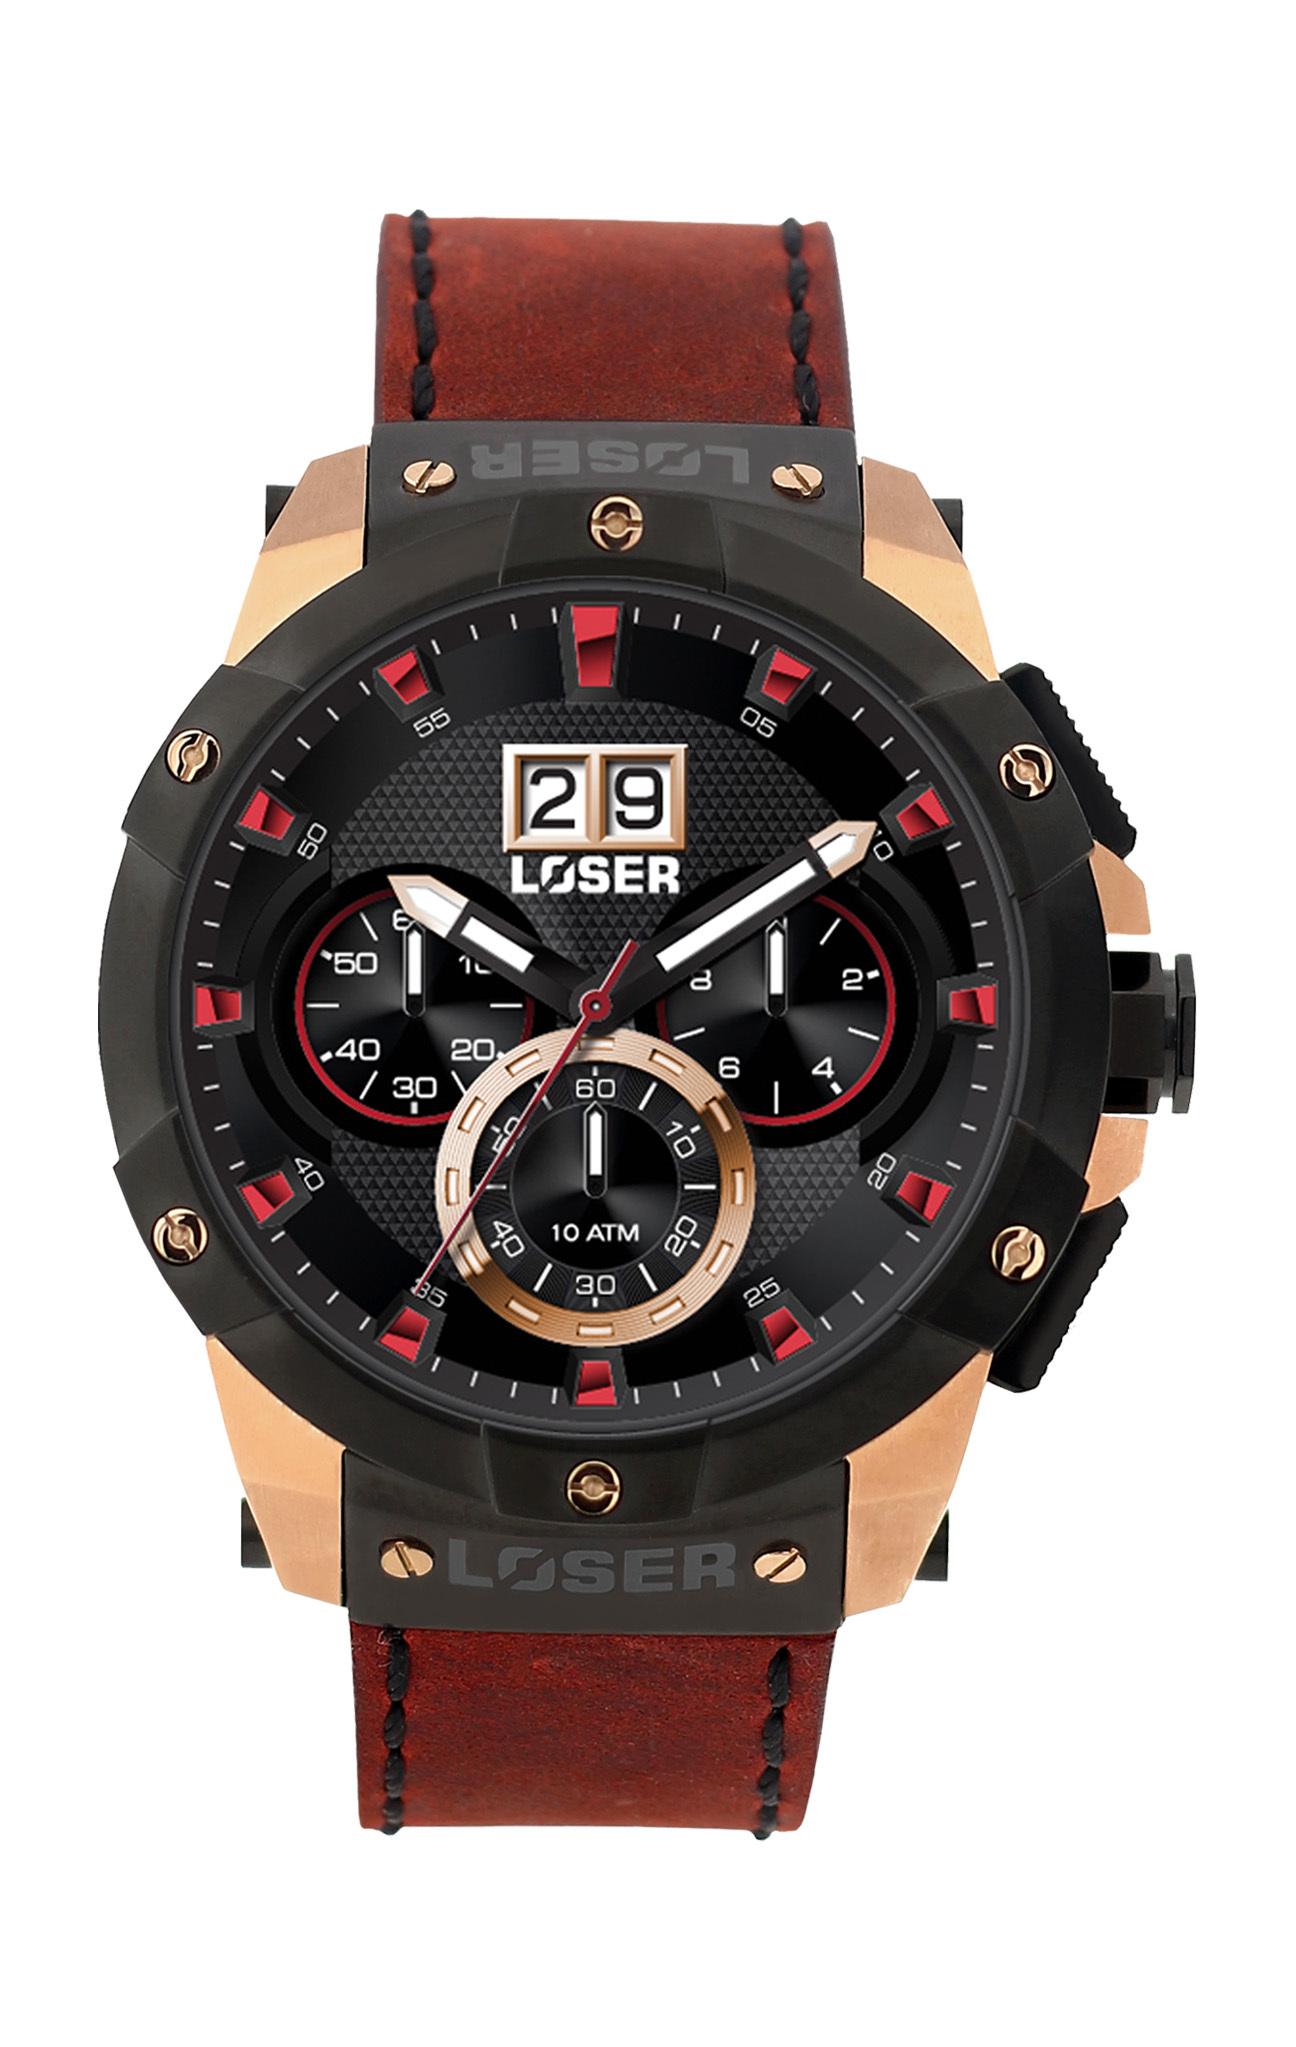 Luxusní nadčasové sportovní vodotěsné hodinky LOSER Vision BORDEAUX RED LOS -V06 980007966c7